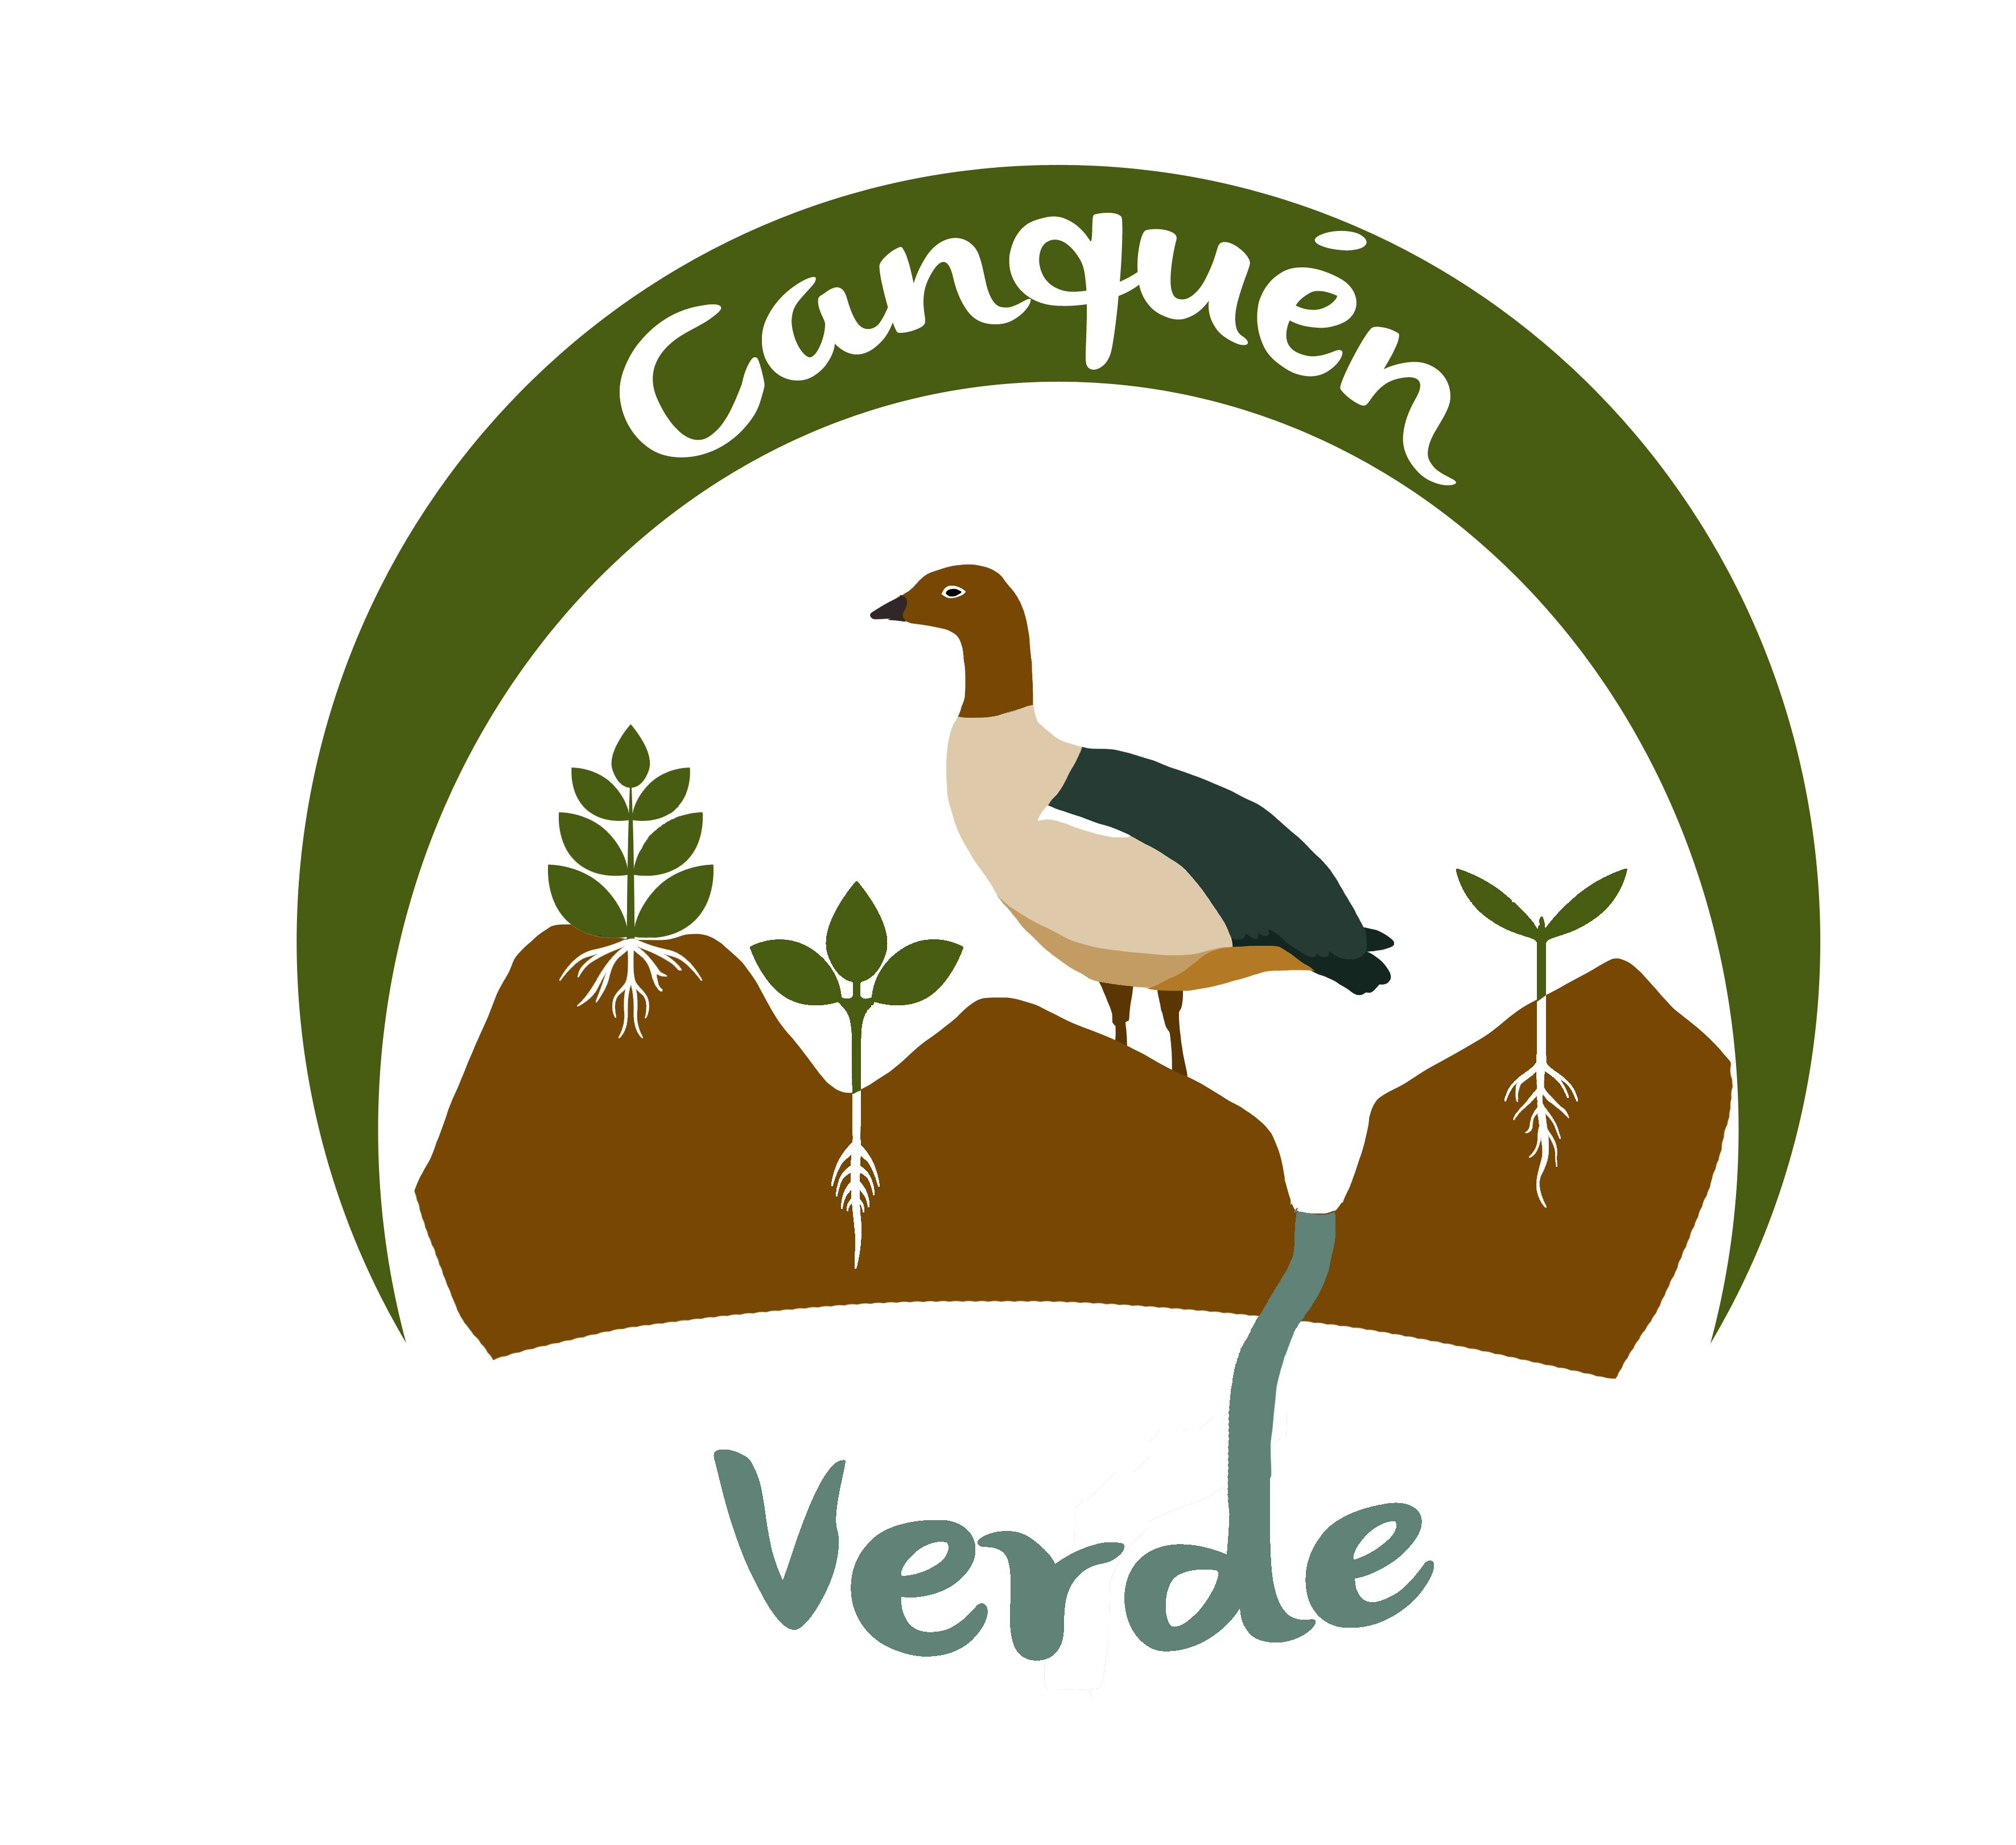 Fundación Canquén Verde